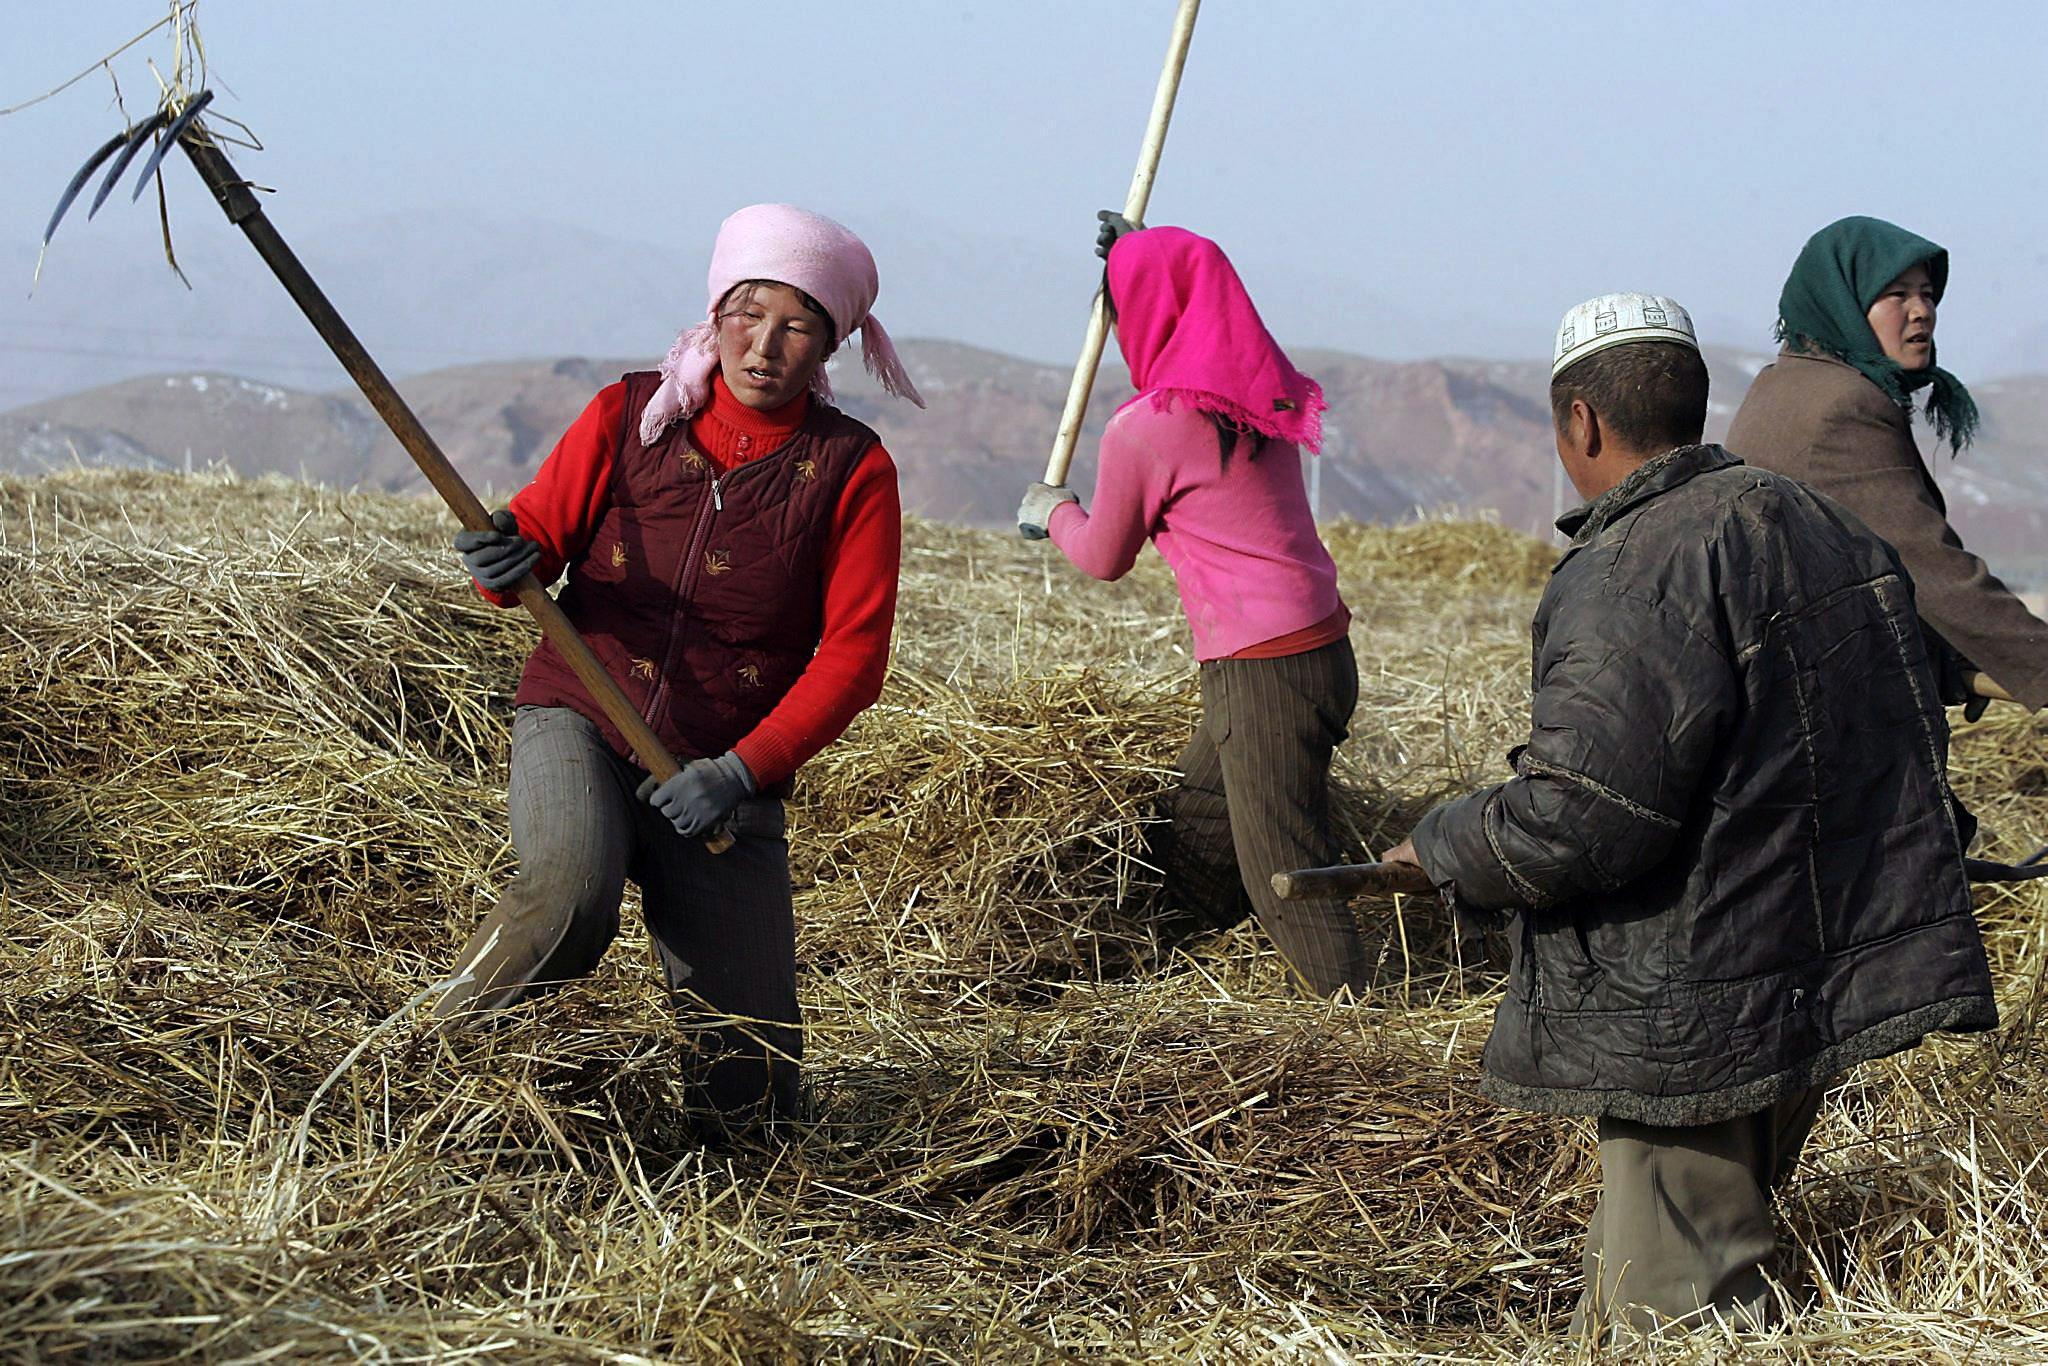 Chinesische Bauern im Nordwesten des Landes: China verfolgt viele von der Kommunistischen Partei vorgegebene langfristige Ziele und hat es geschafft, die große Armut des Landes in nur wenigen Jahrzehnten in großen Teilen zu beseitigen.